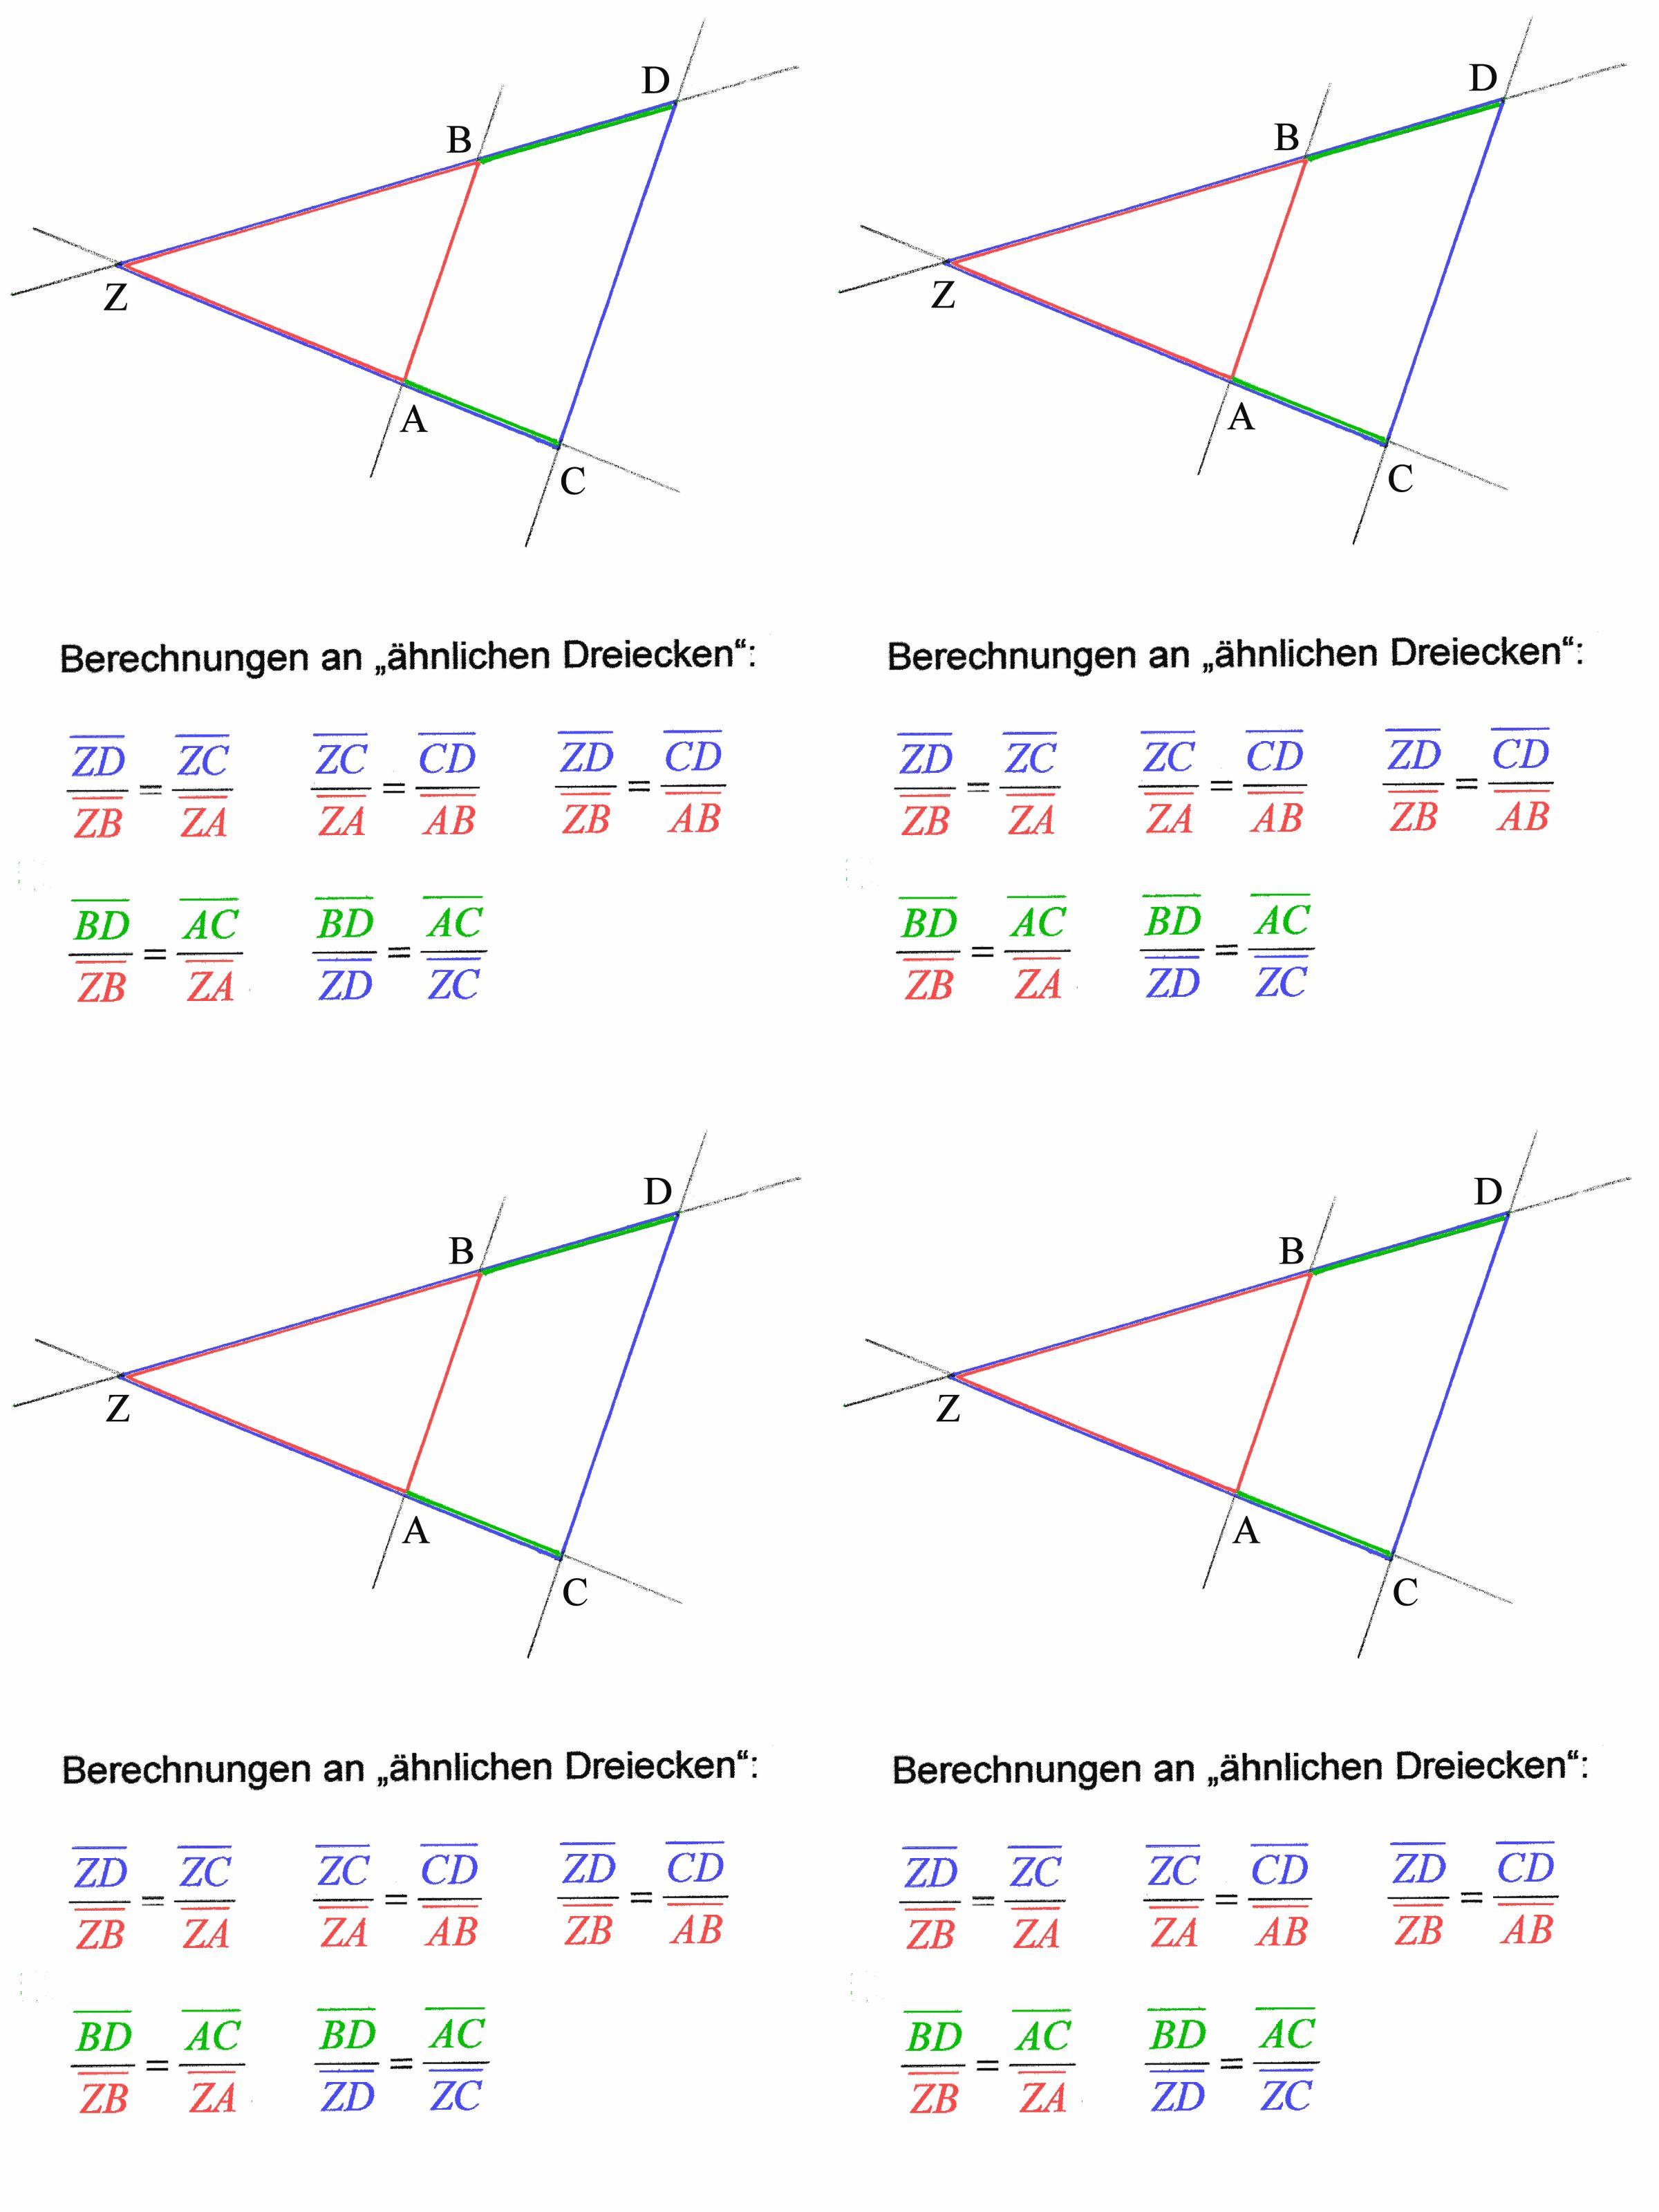 Fine Mathe Arbeitsblatt Steigung Frieze - Kindergarten Arbeitsblatt ...